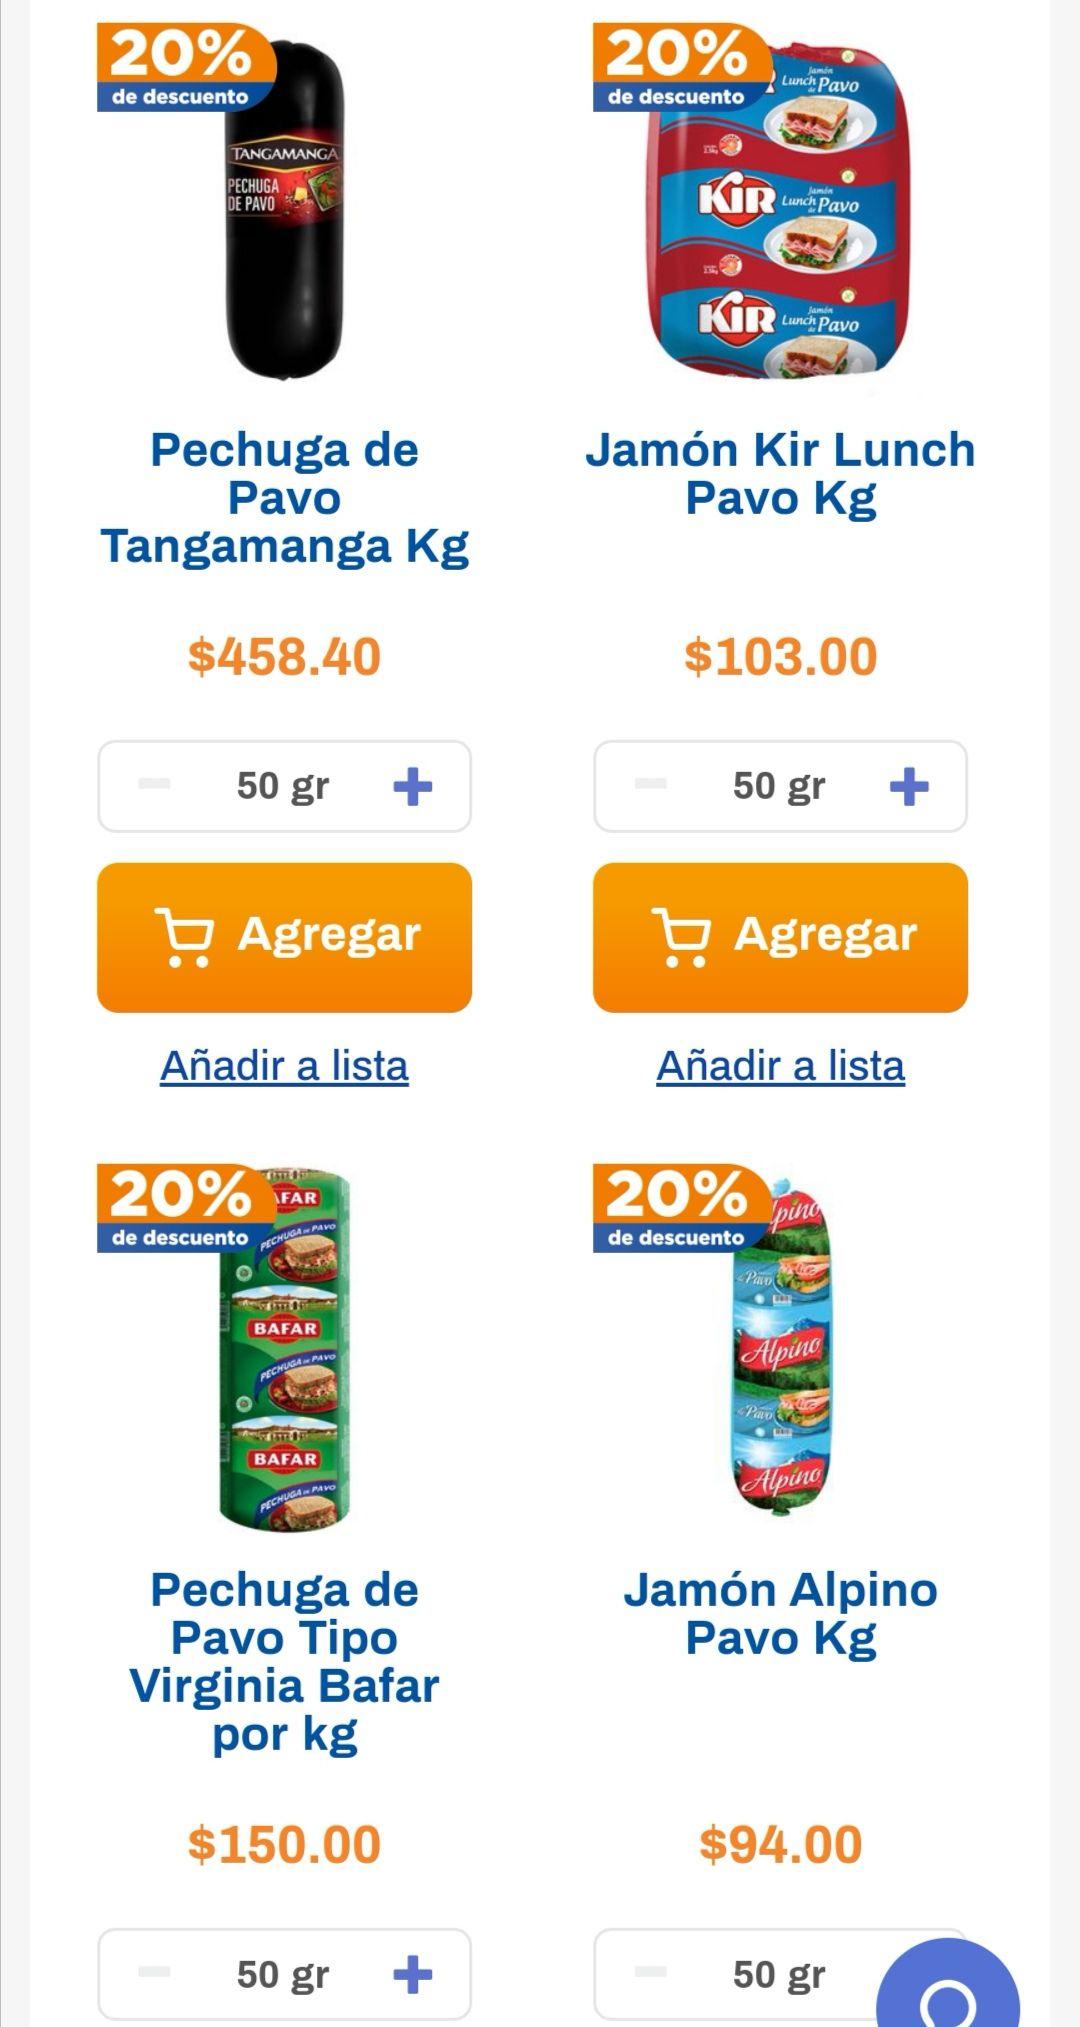 Chedraui: 20% de descuento en pechugas y jamones de pavo a granel seleccionados